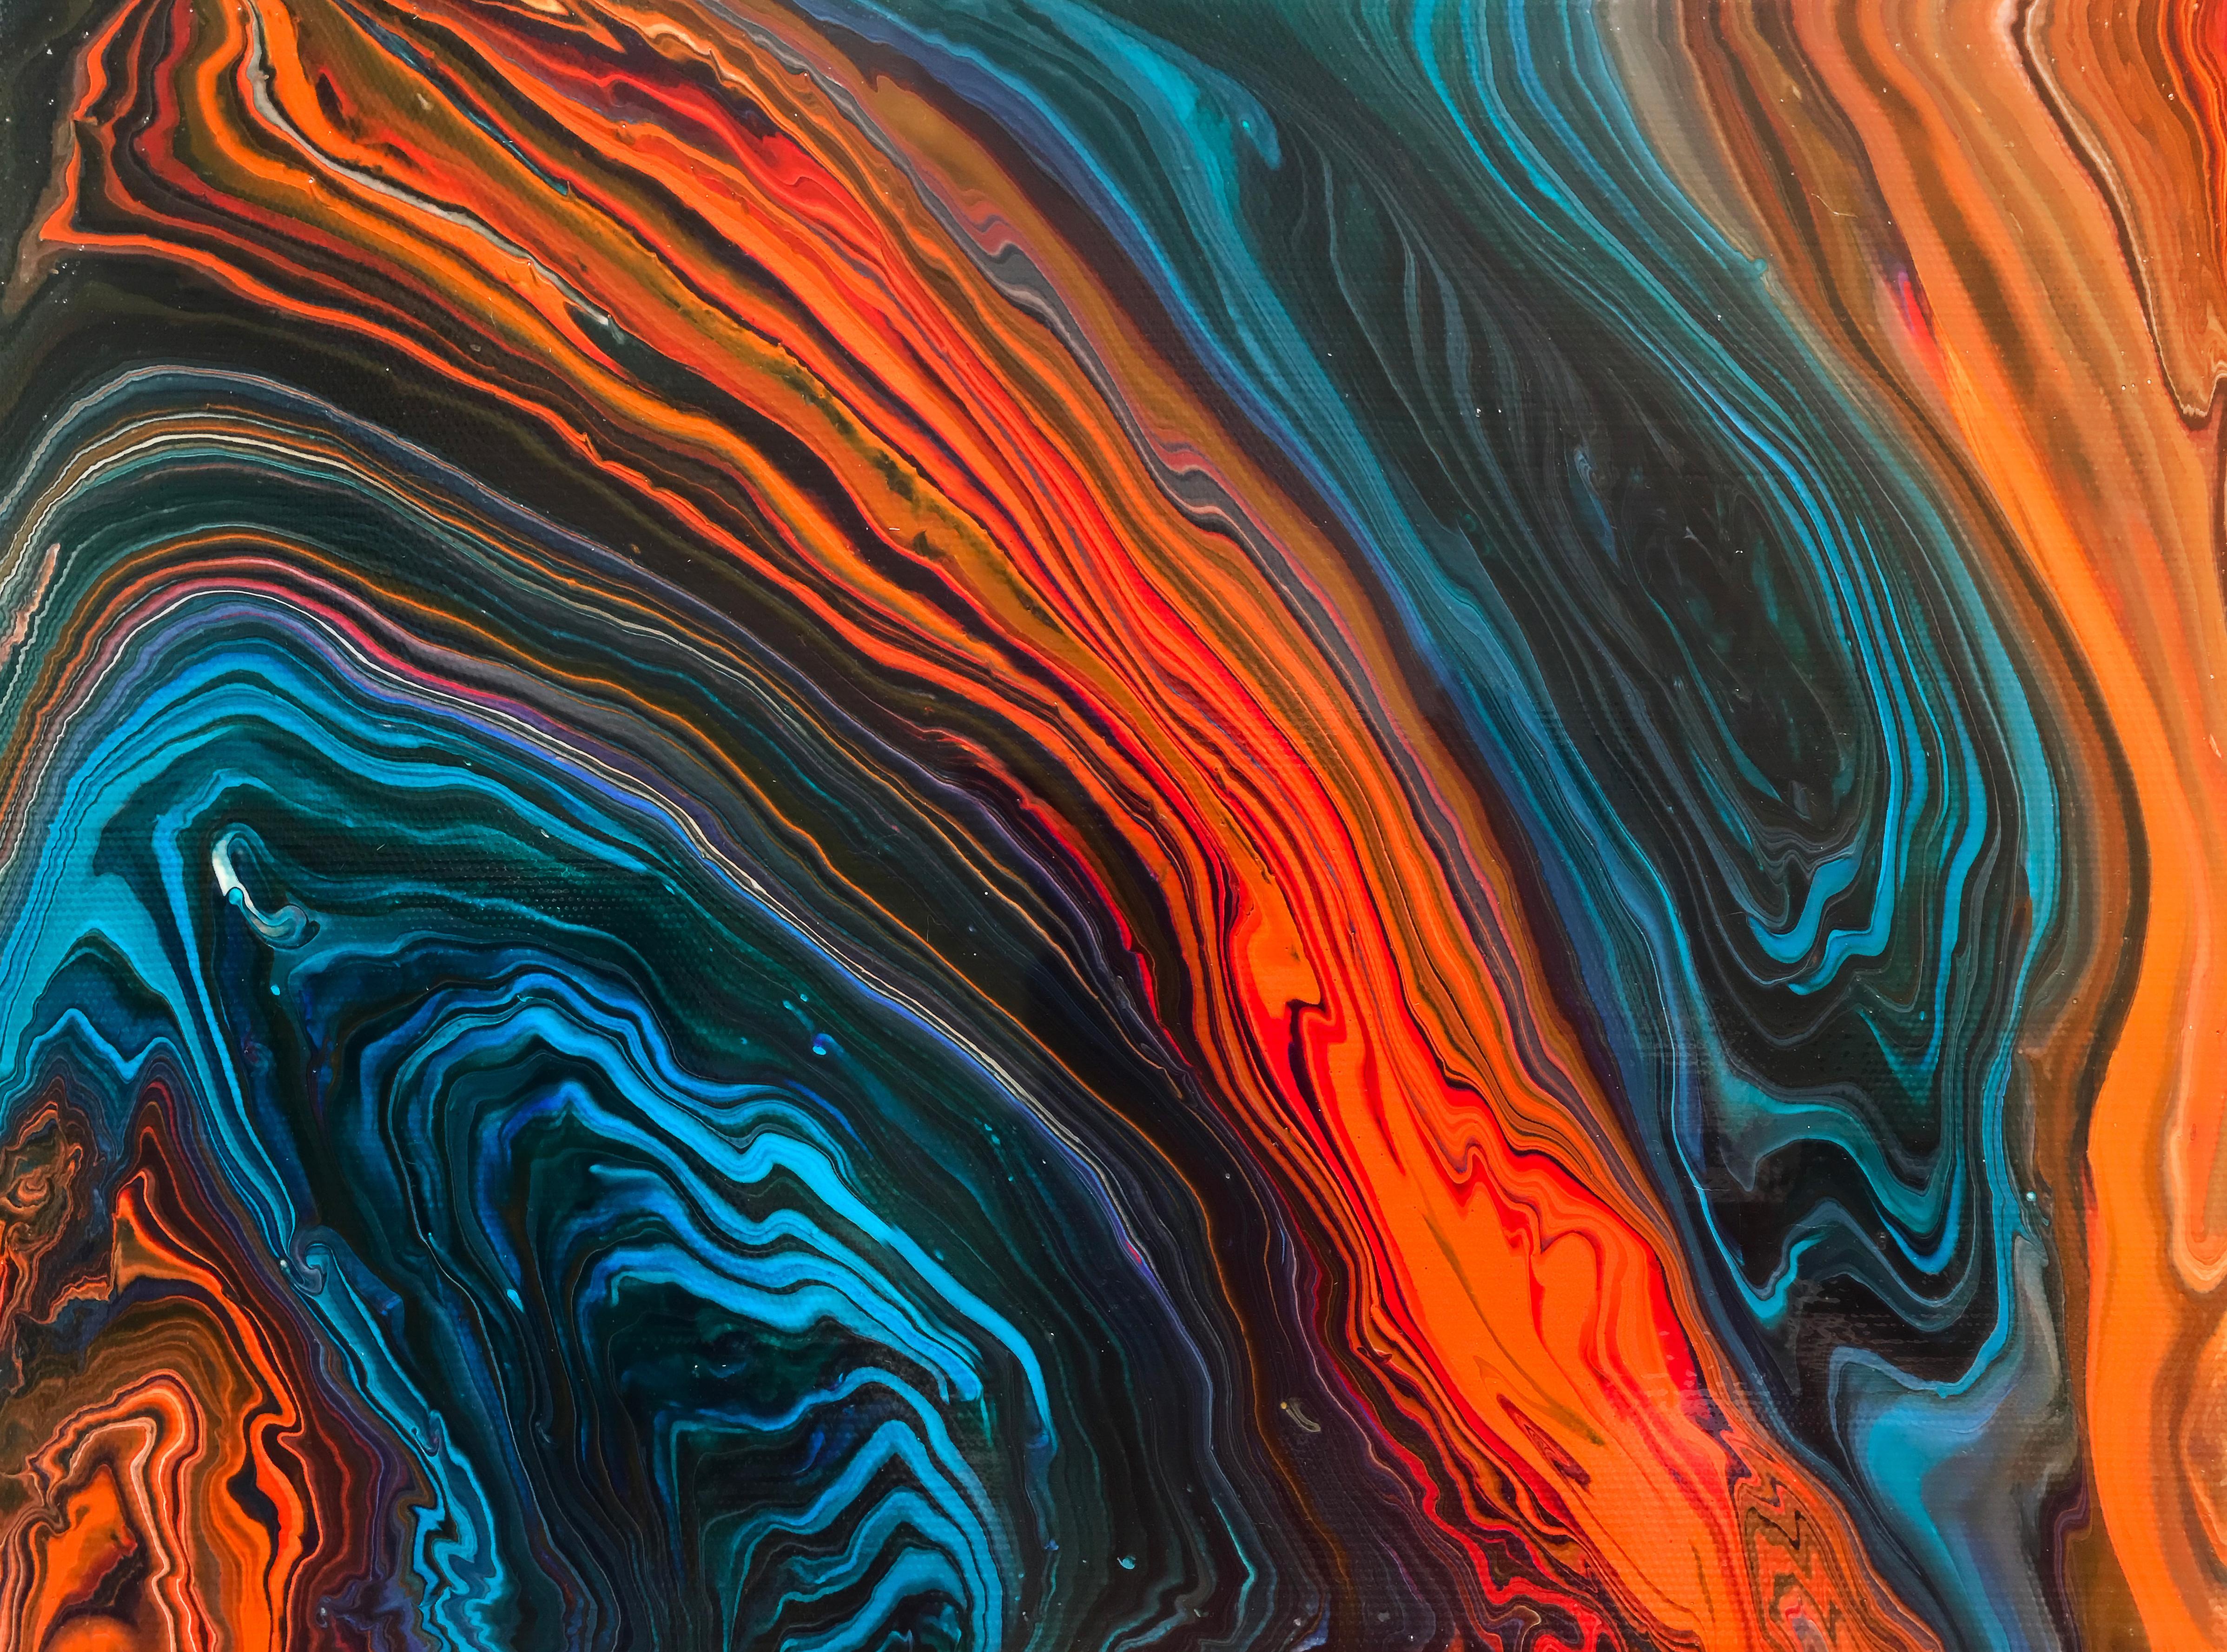 Fluid Art Abstract Wallpapers - Abstract Art - HD Wallpaper